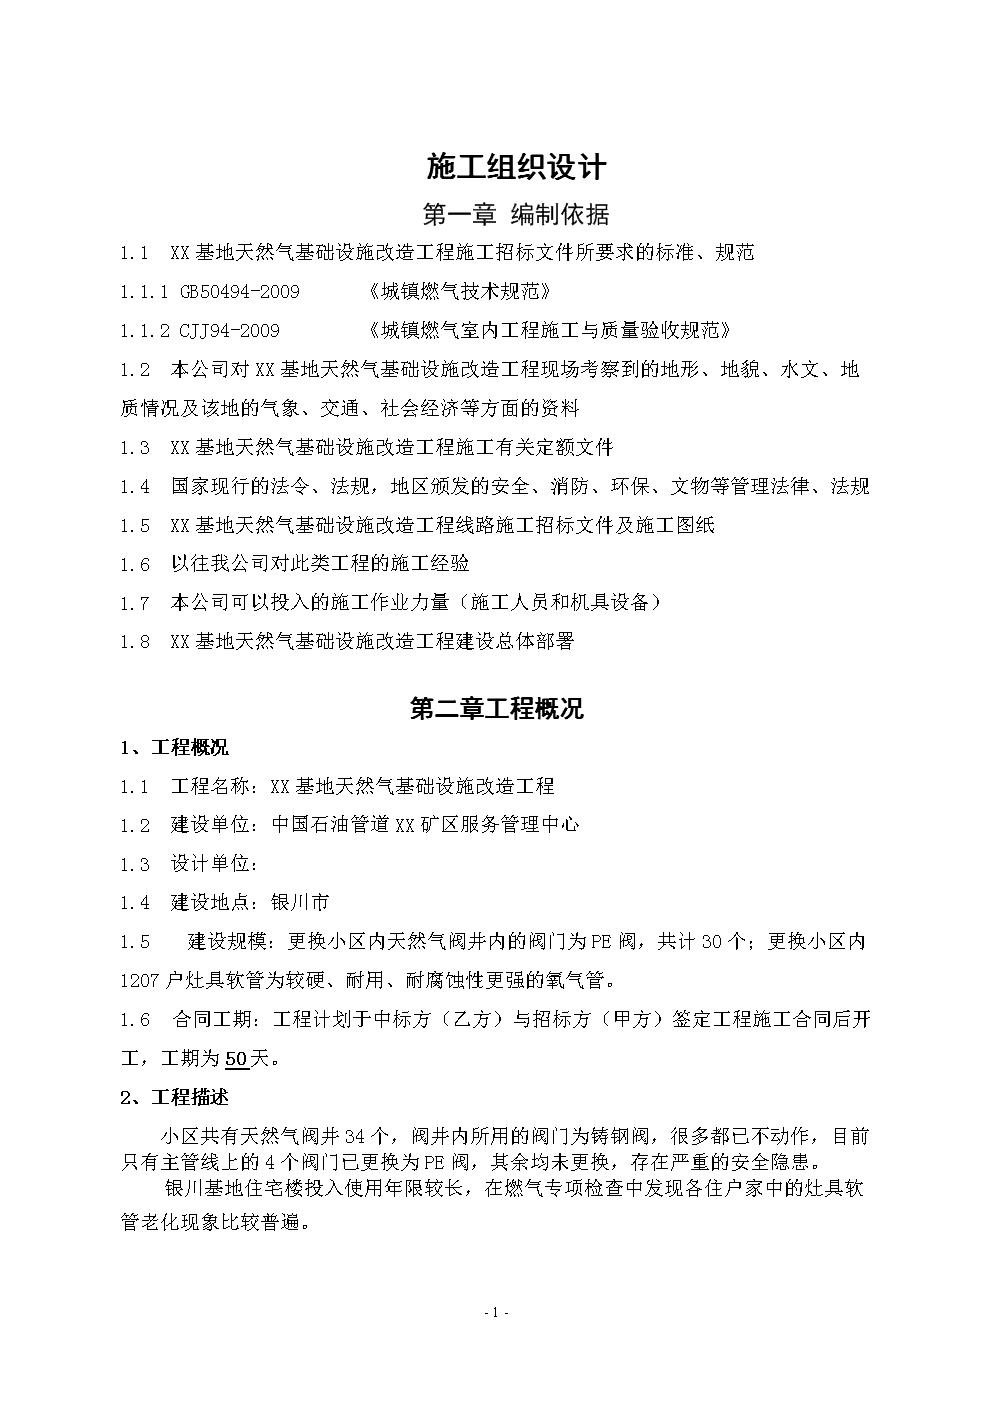 天然气基础设施改造施工方案.doc